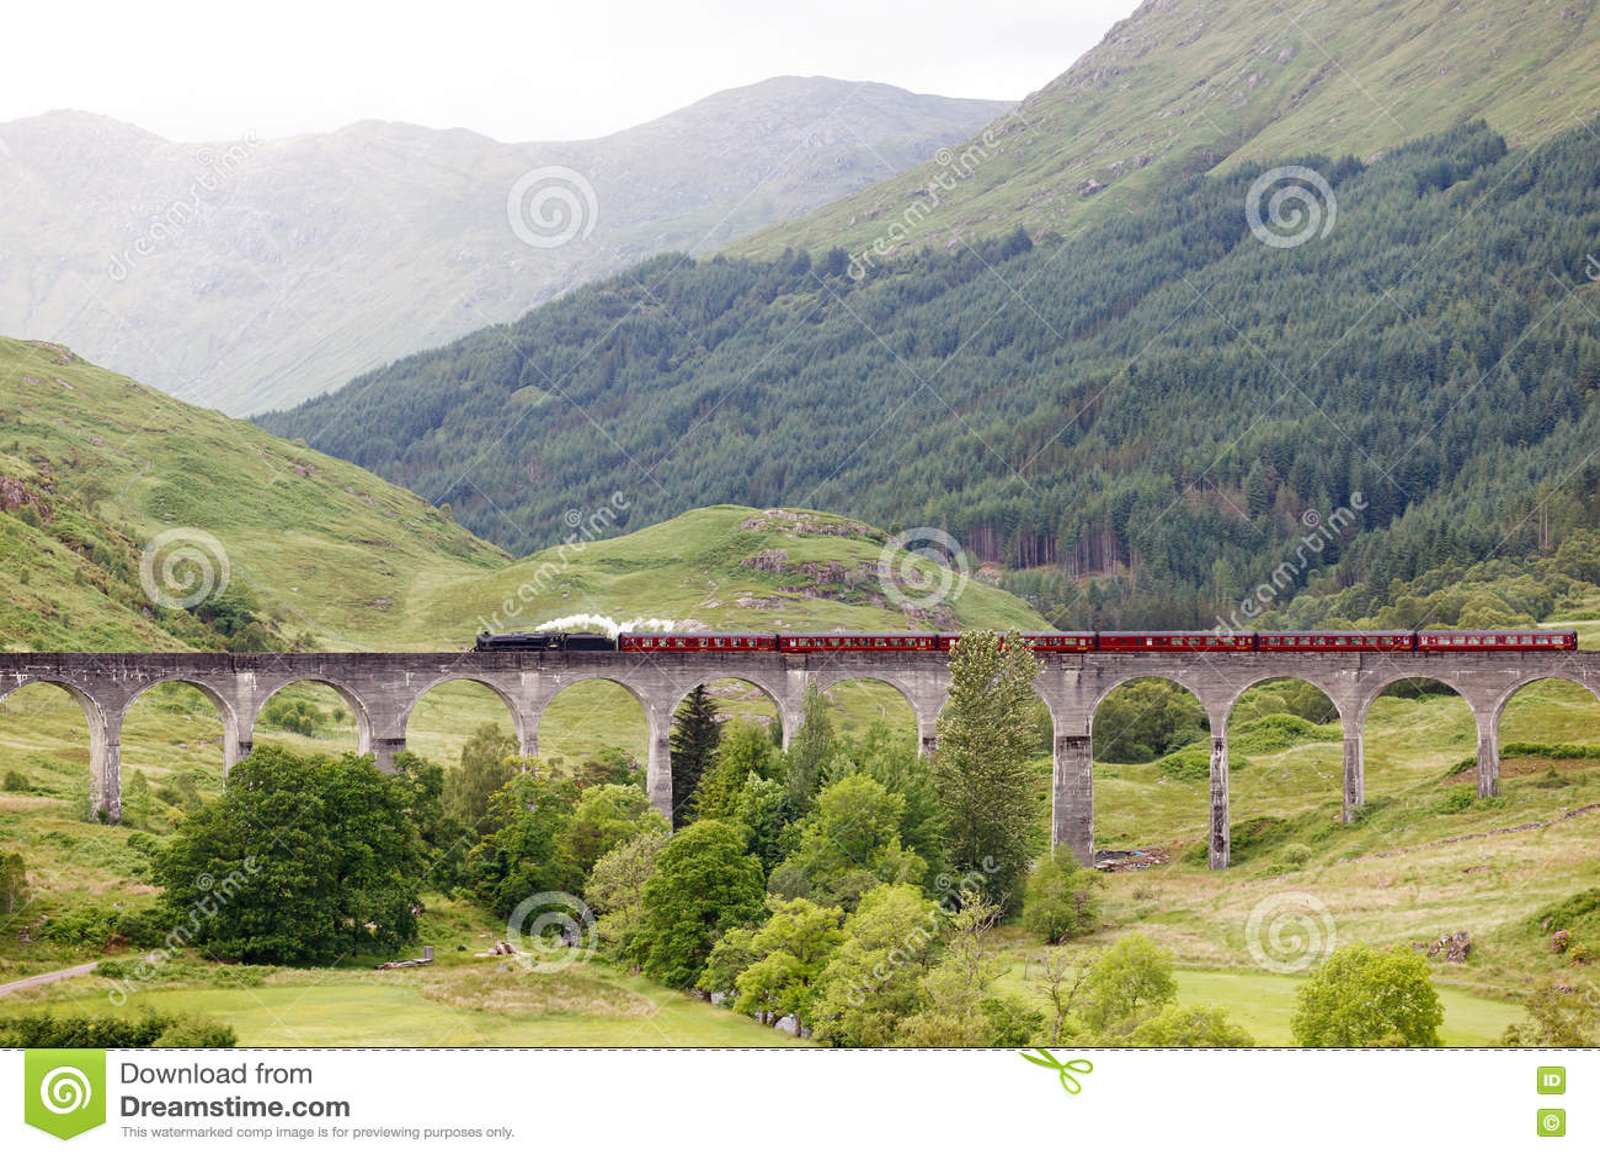 Tren del vapor del vintage en el viaducto de Glenfinnan, Escocia, Reino Unido